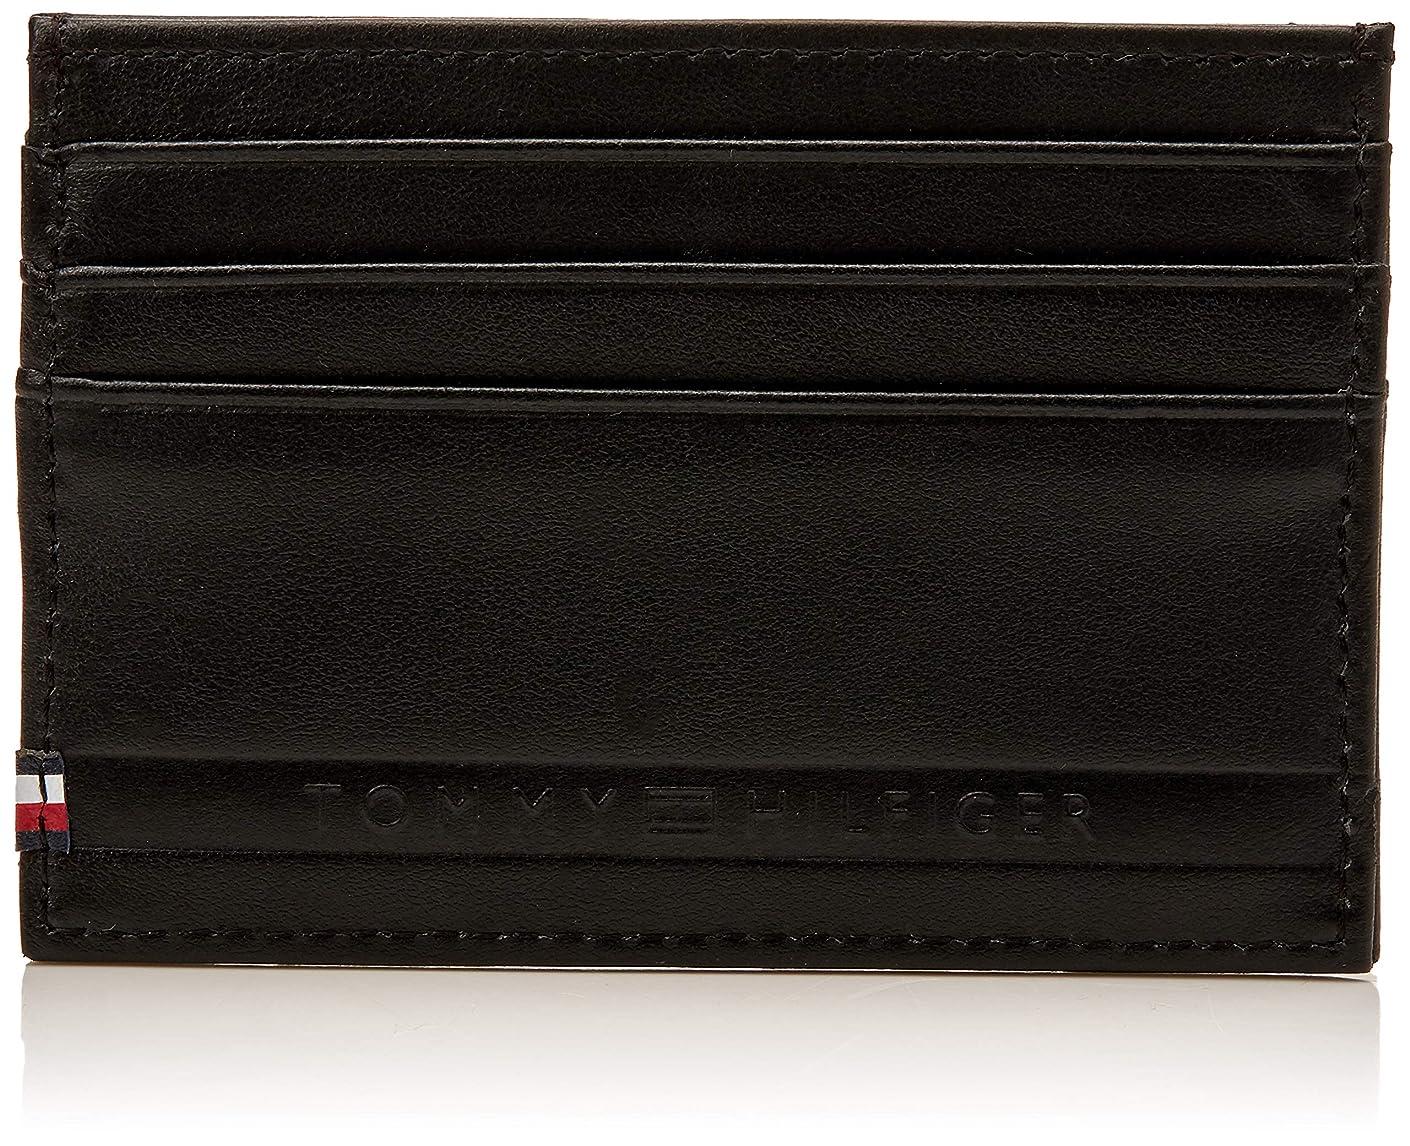 僕の欲望先例Tommy Hilfiger メンズ AM0AM03666 US サイズ: 0.5x7.5x10.5 centimeters (B x H x T) カラー: ブラック